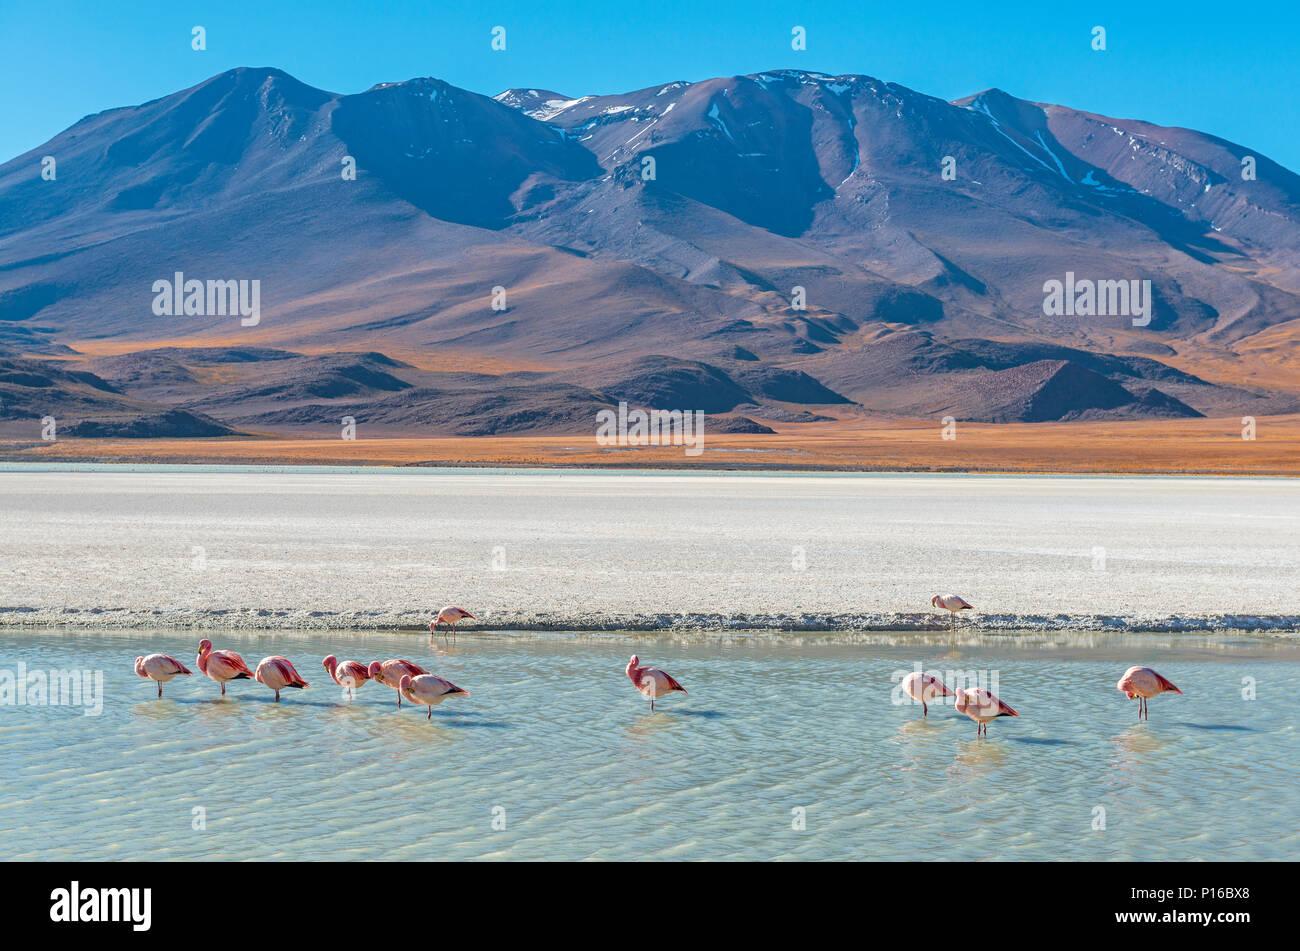 Fotografía de paisaje con unos pocos cientos de James y flamencos chilenos en la Laguna Canapa en la cordillera de Los Andes, cerca del Salar de Uyuni, Bolivia Imagen De Stock